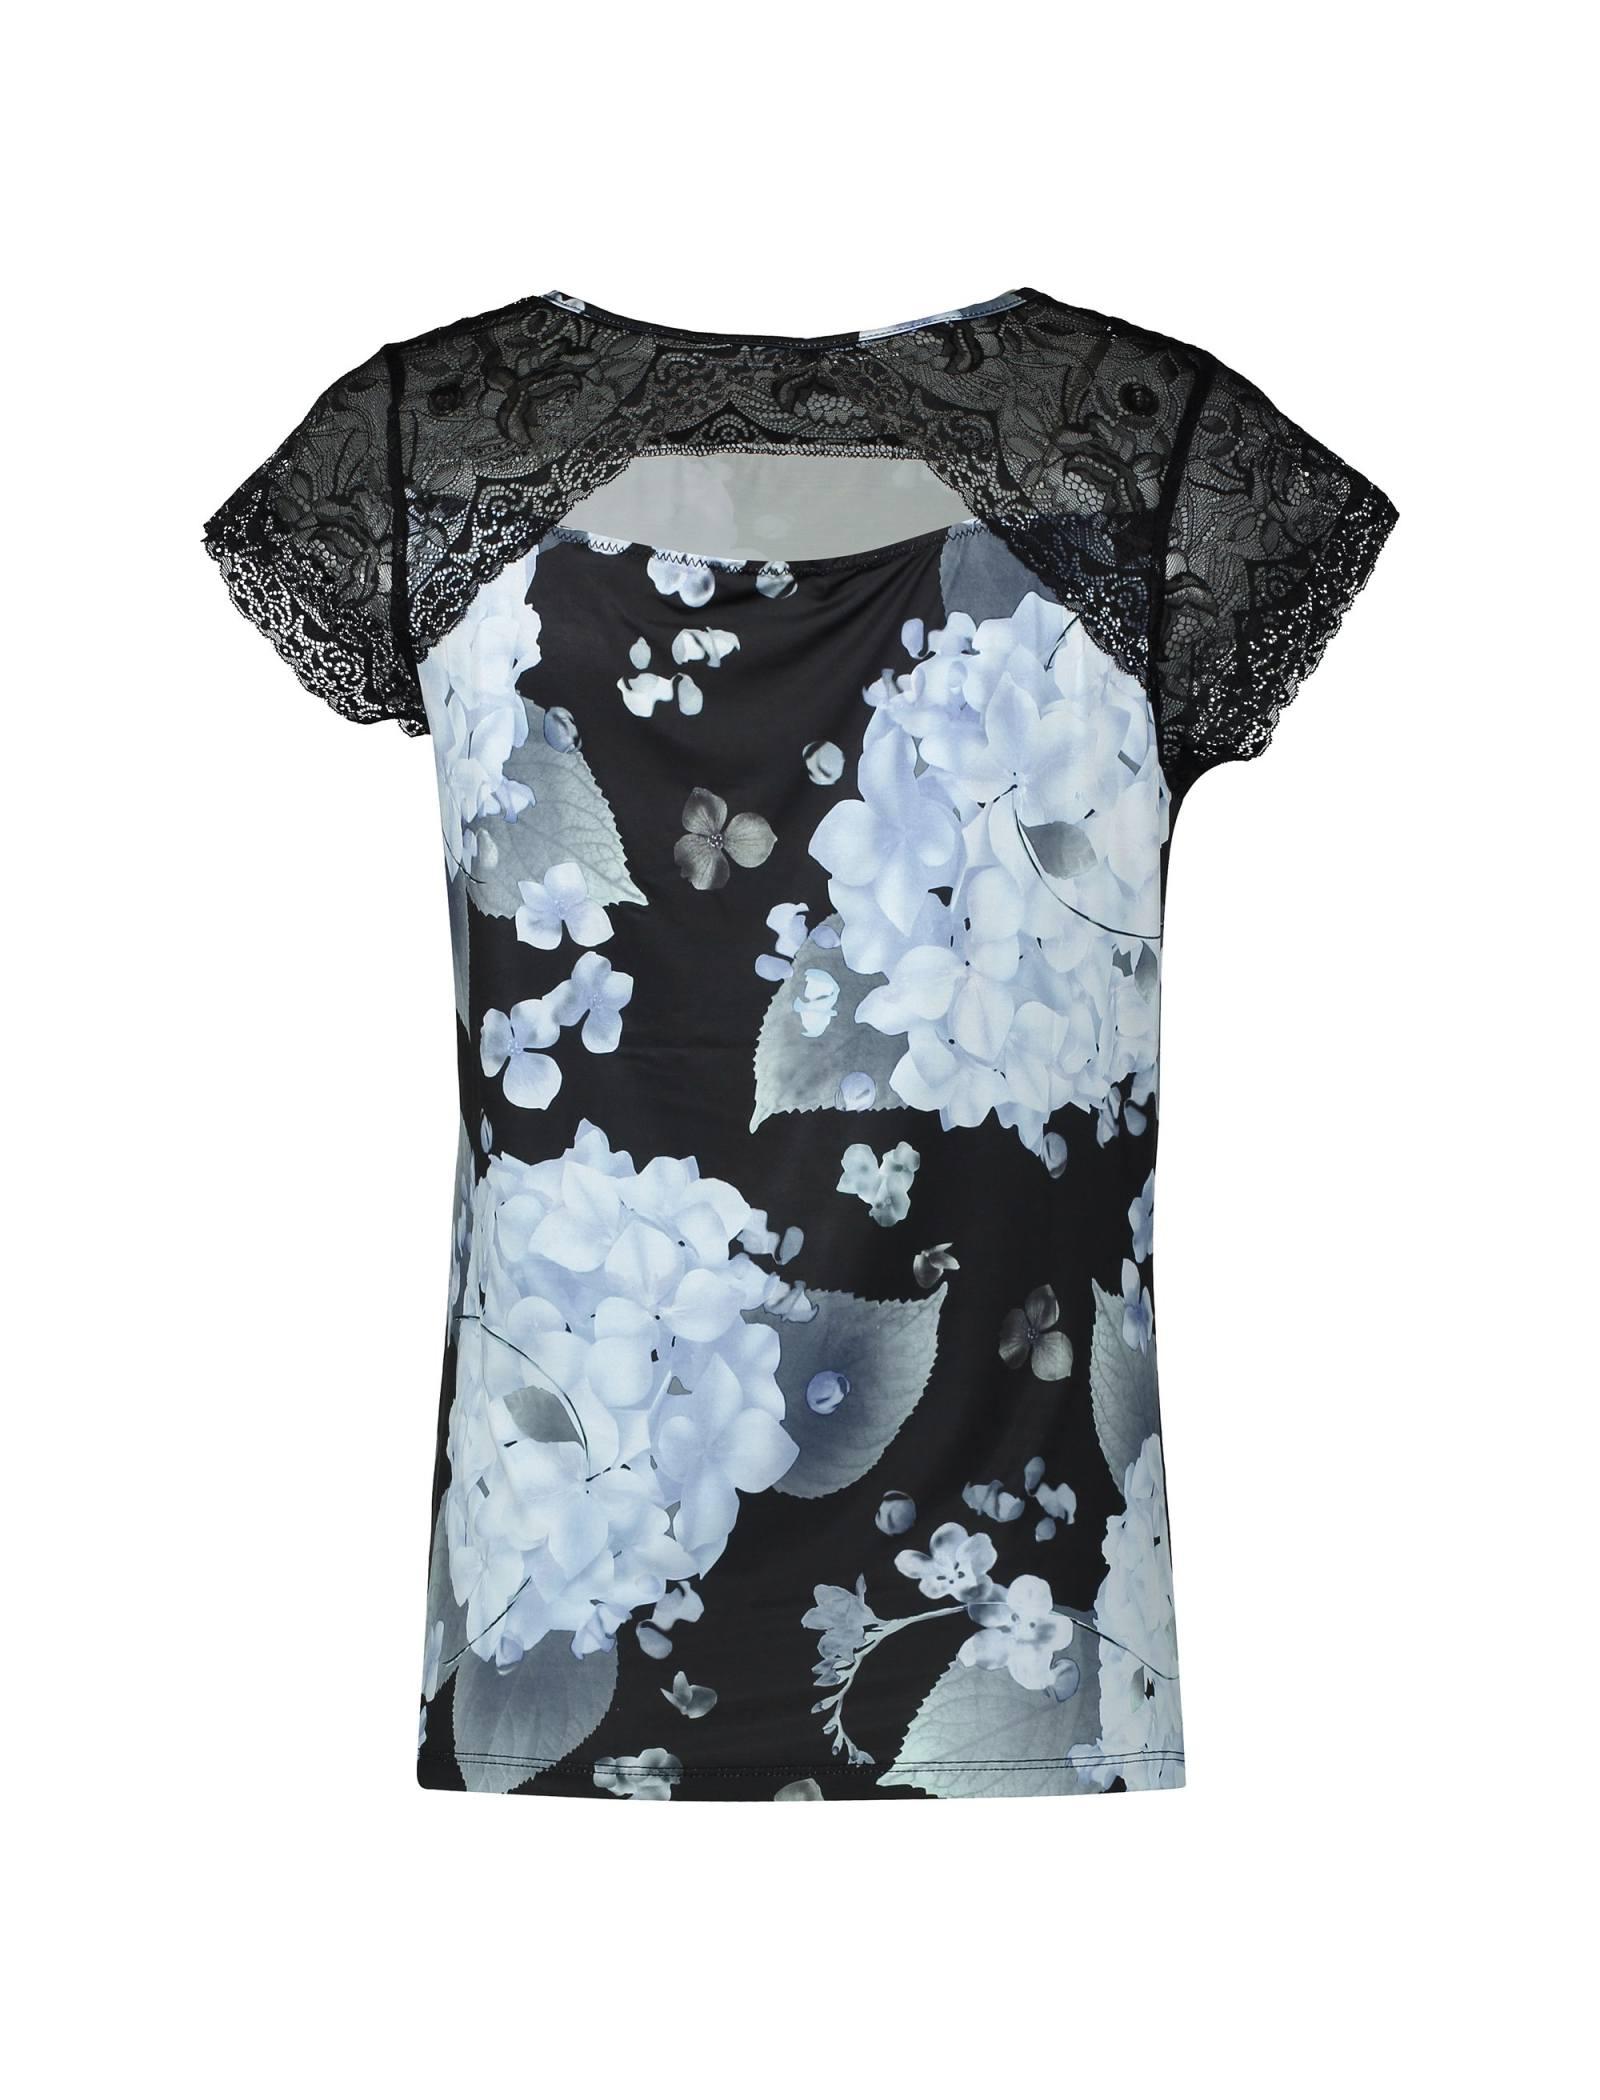 تی شرت راحتی آستین کوتاه زنانه - لاوین رز - آبي و مشکي - 2